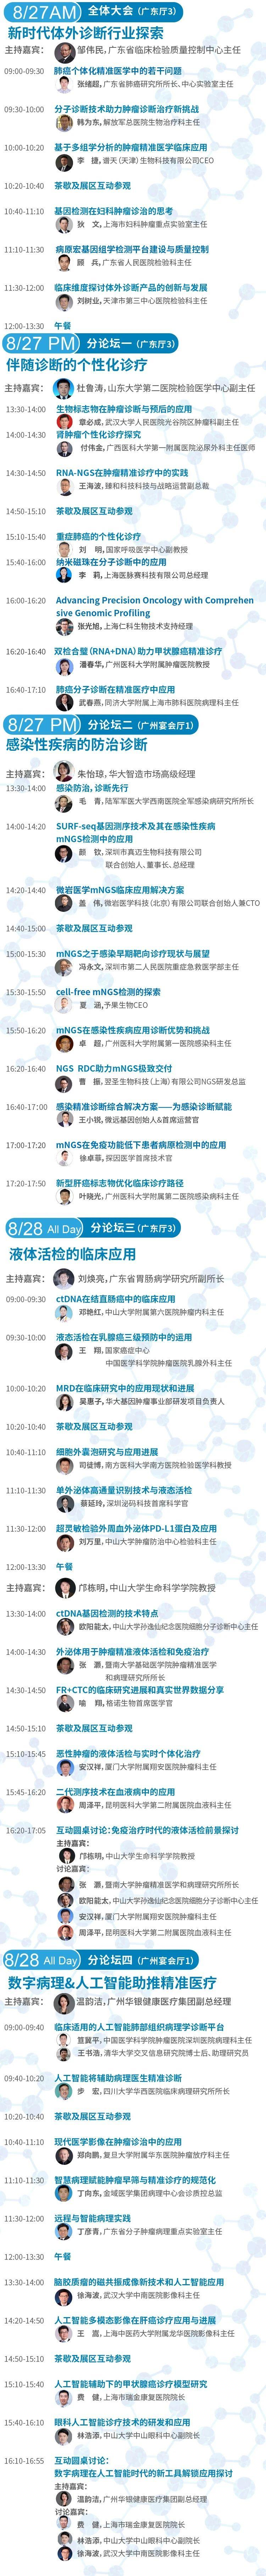 第六届全球精准医疗(中国)峰会